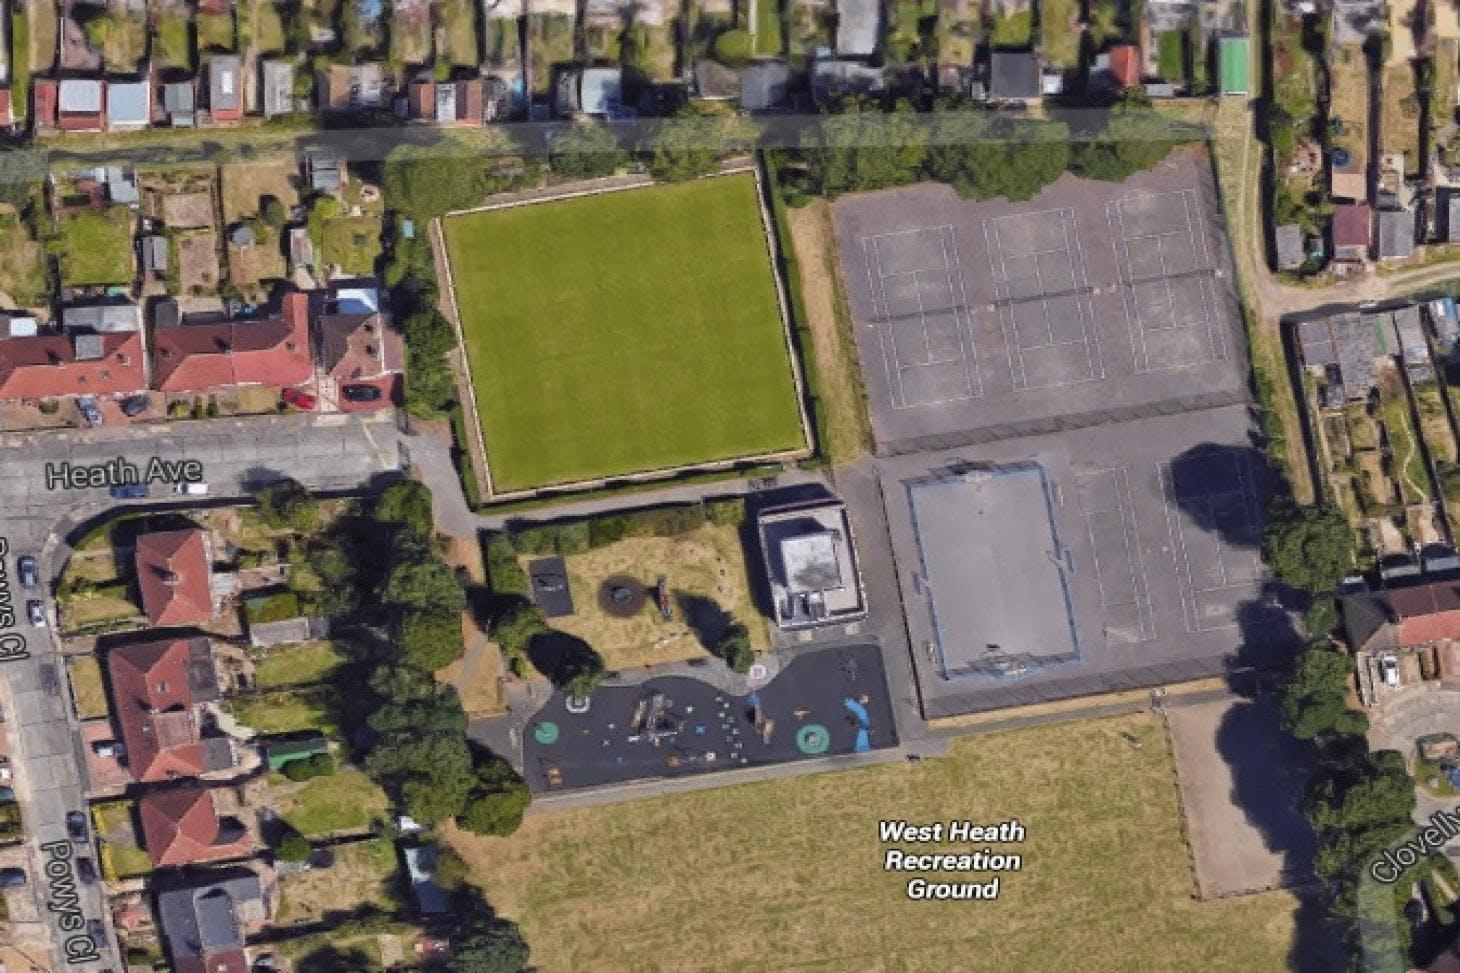 West Heath Recreation Ground Outdoor | Hard (macadam) basketball court